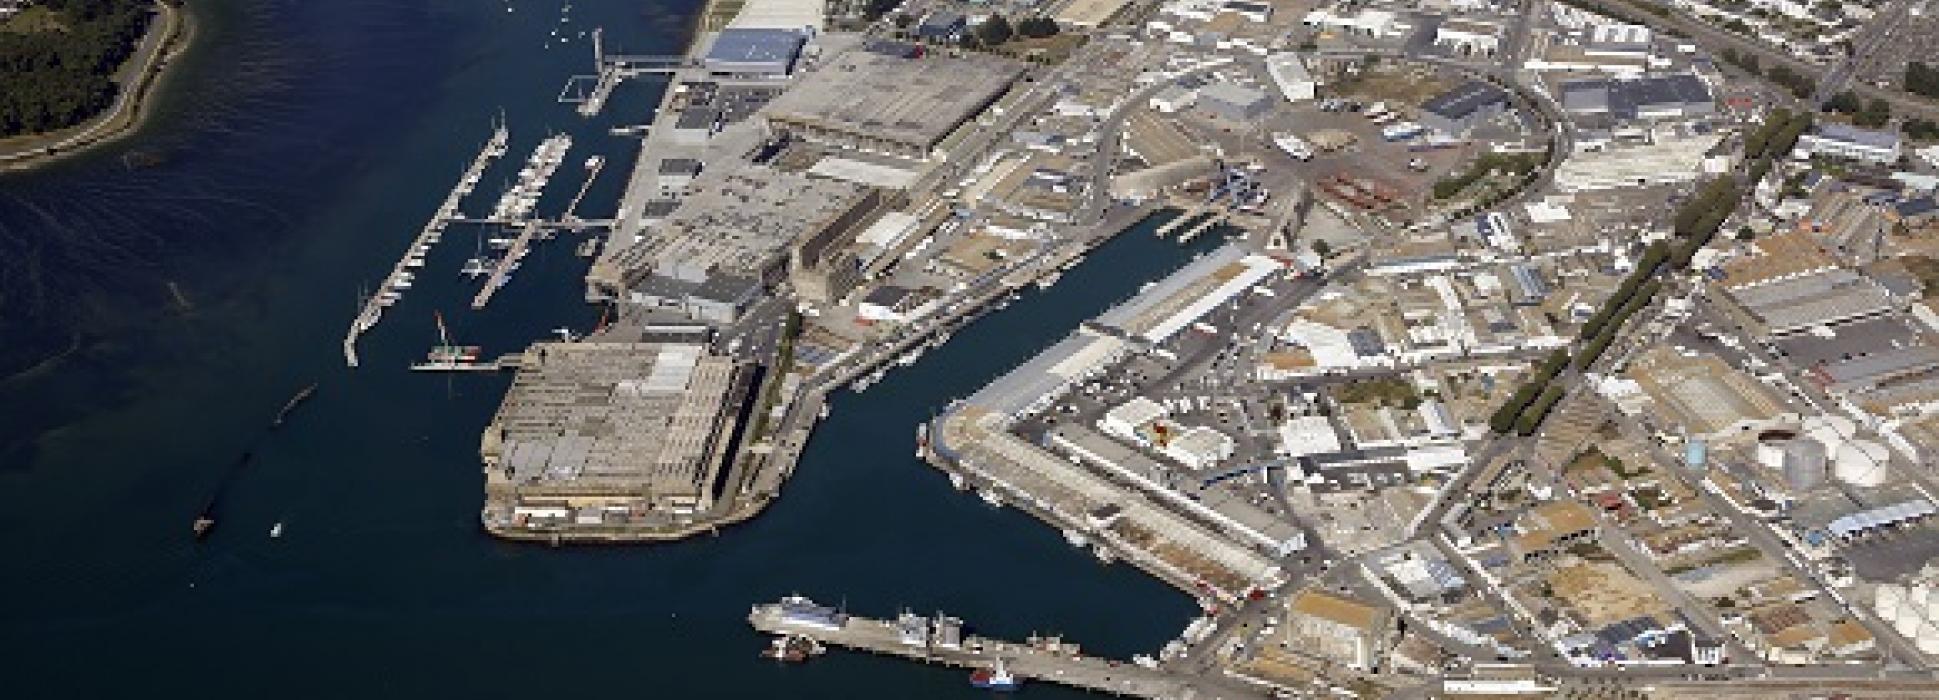 El saber hacer del puerto de Lorient inspira el desarrollo de un puerto en el Sultanato de Omán